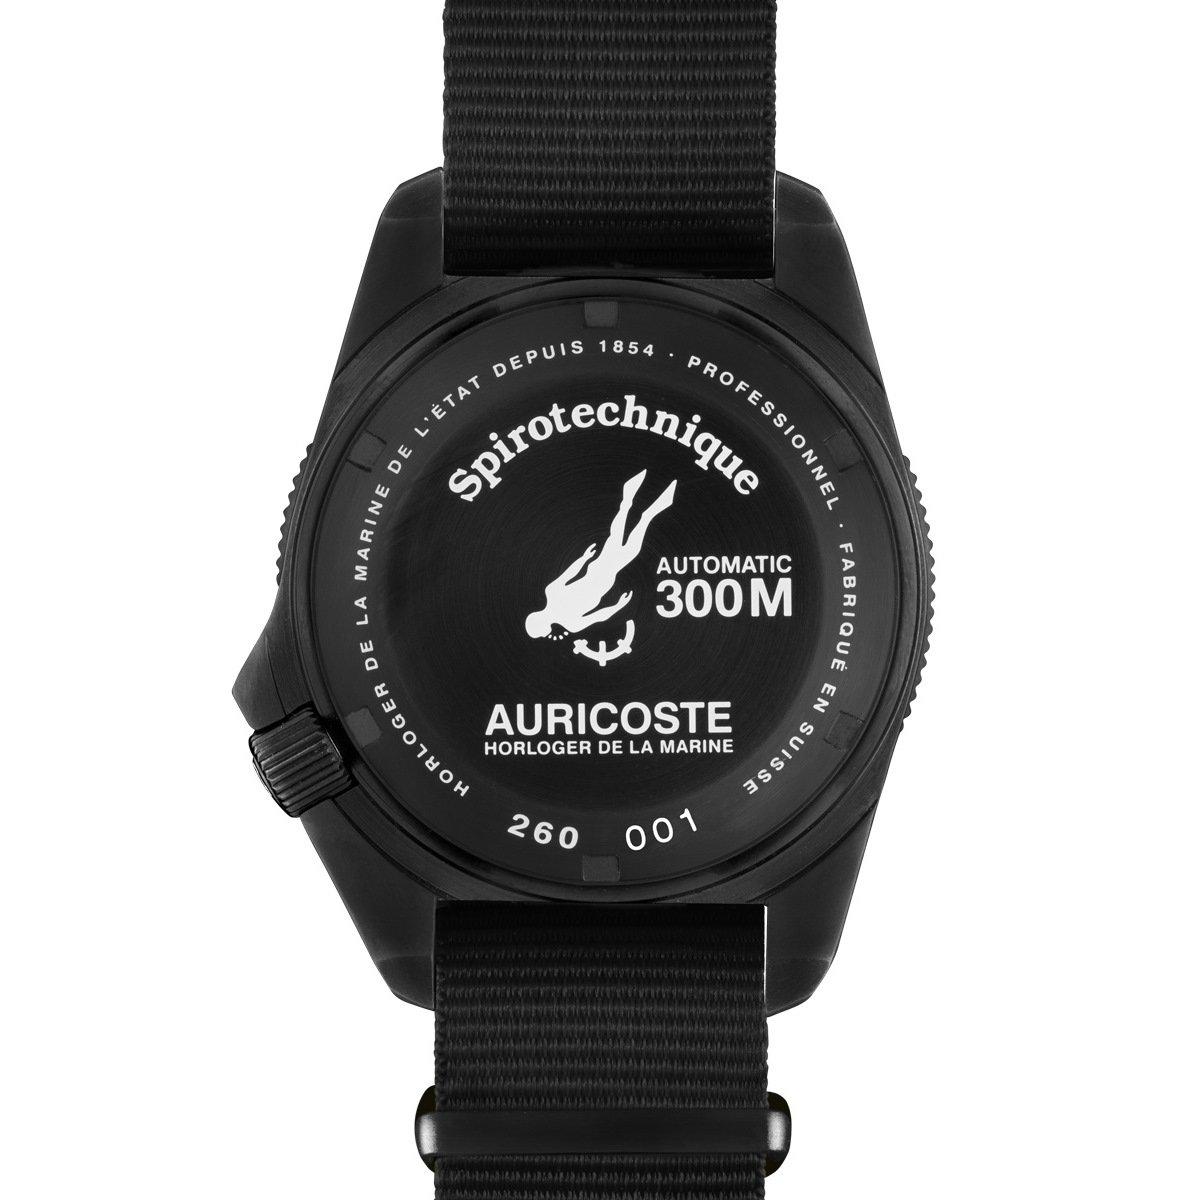 Montre Auricoste Spirotechnique 42mm 300m A9201 vue 2